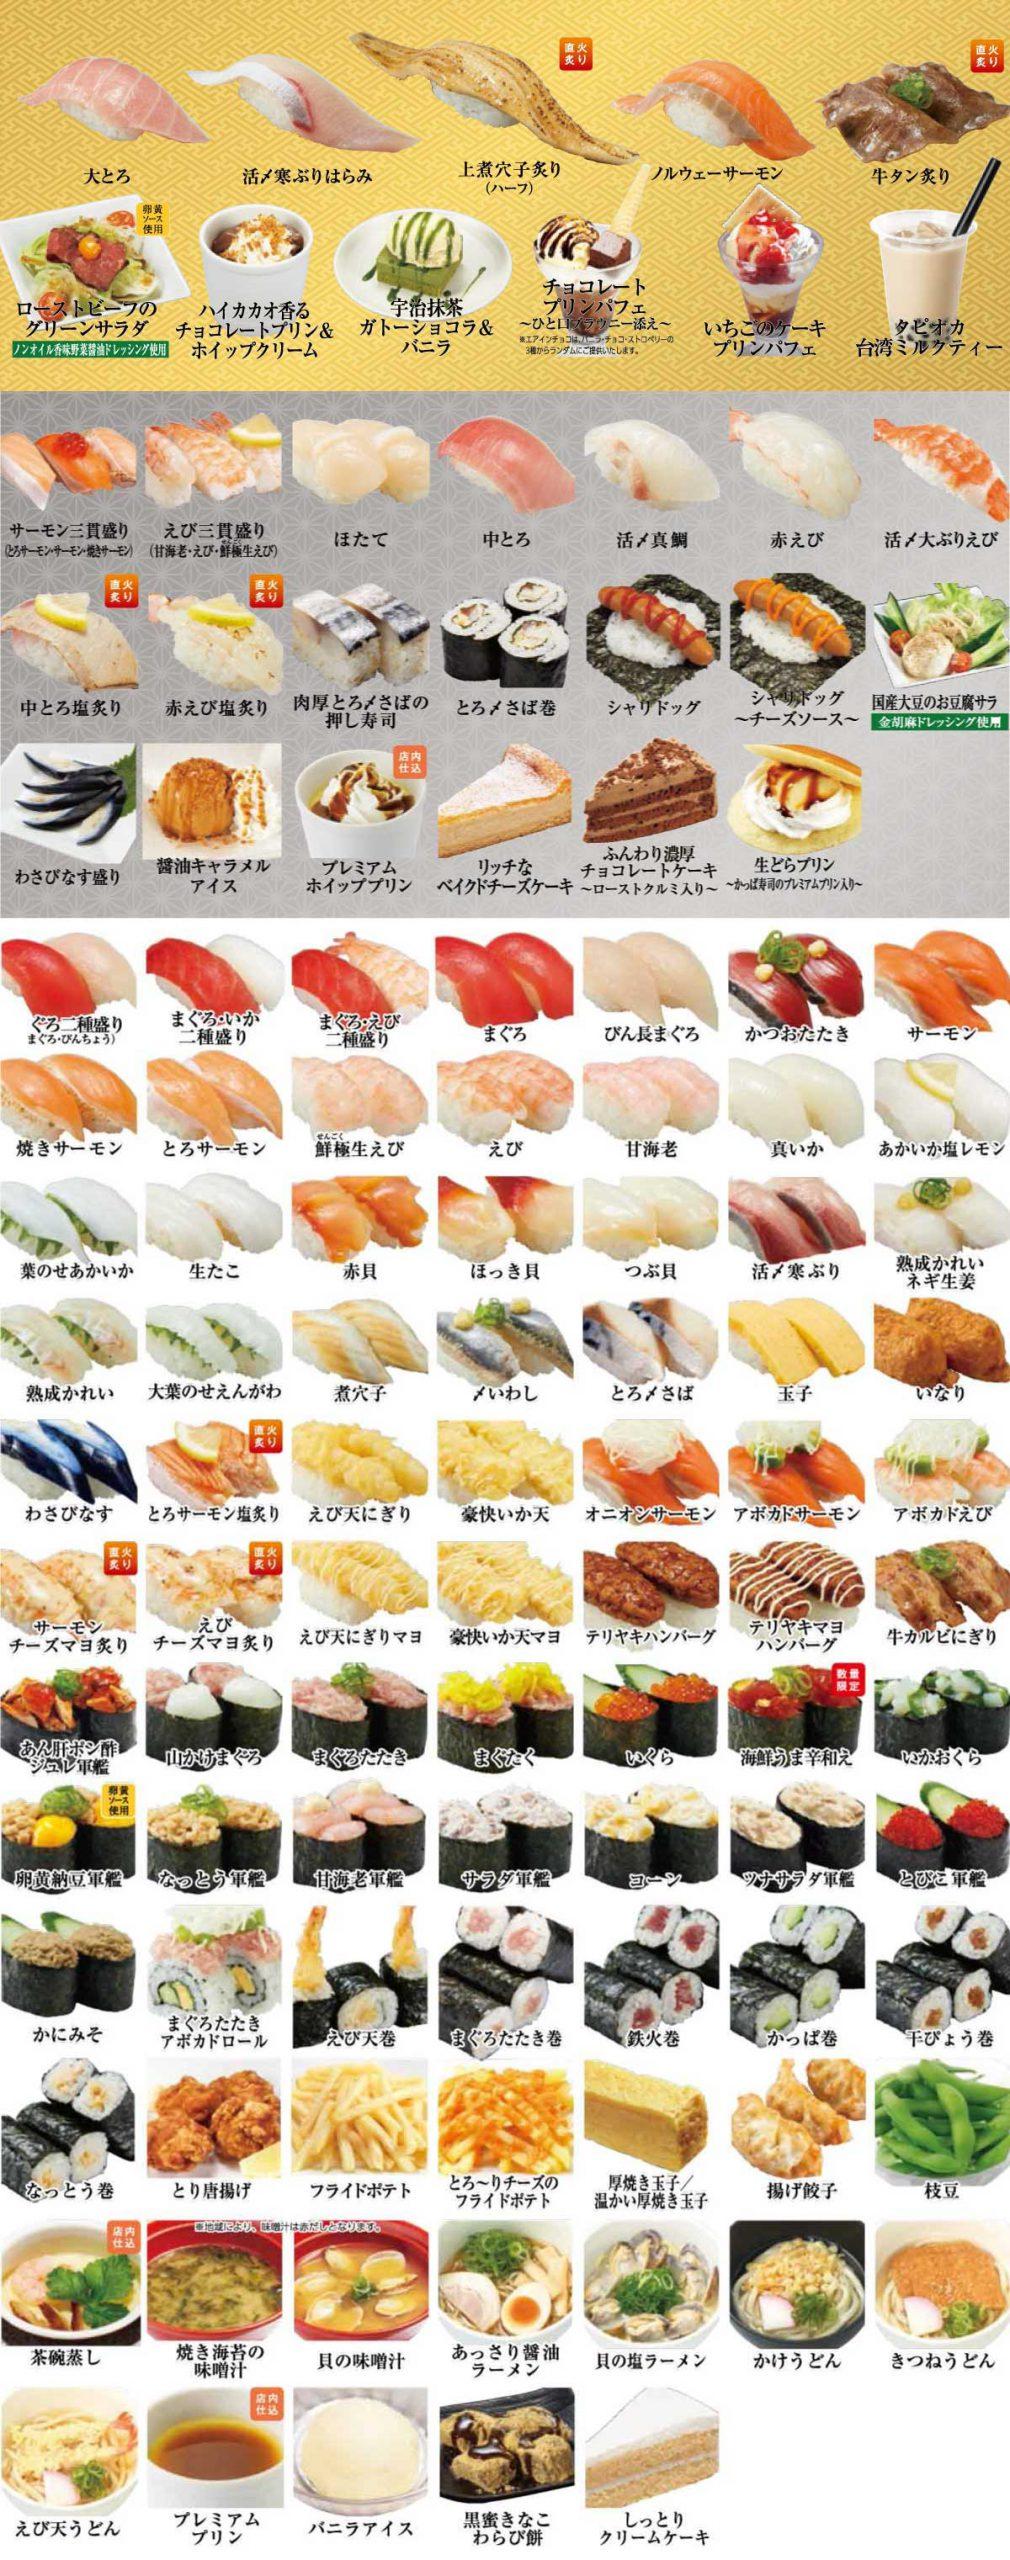 メニュー 食べ かっぱ 寿司 放題